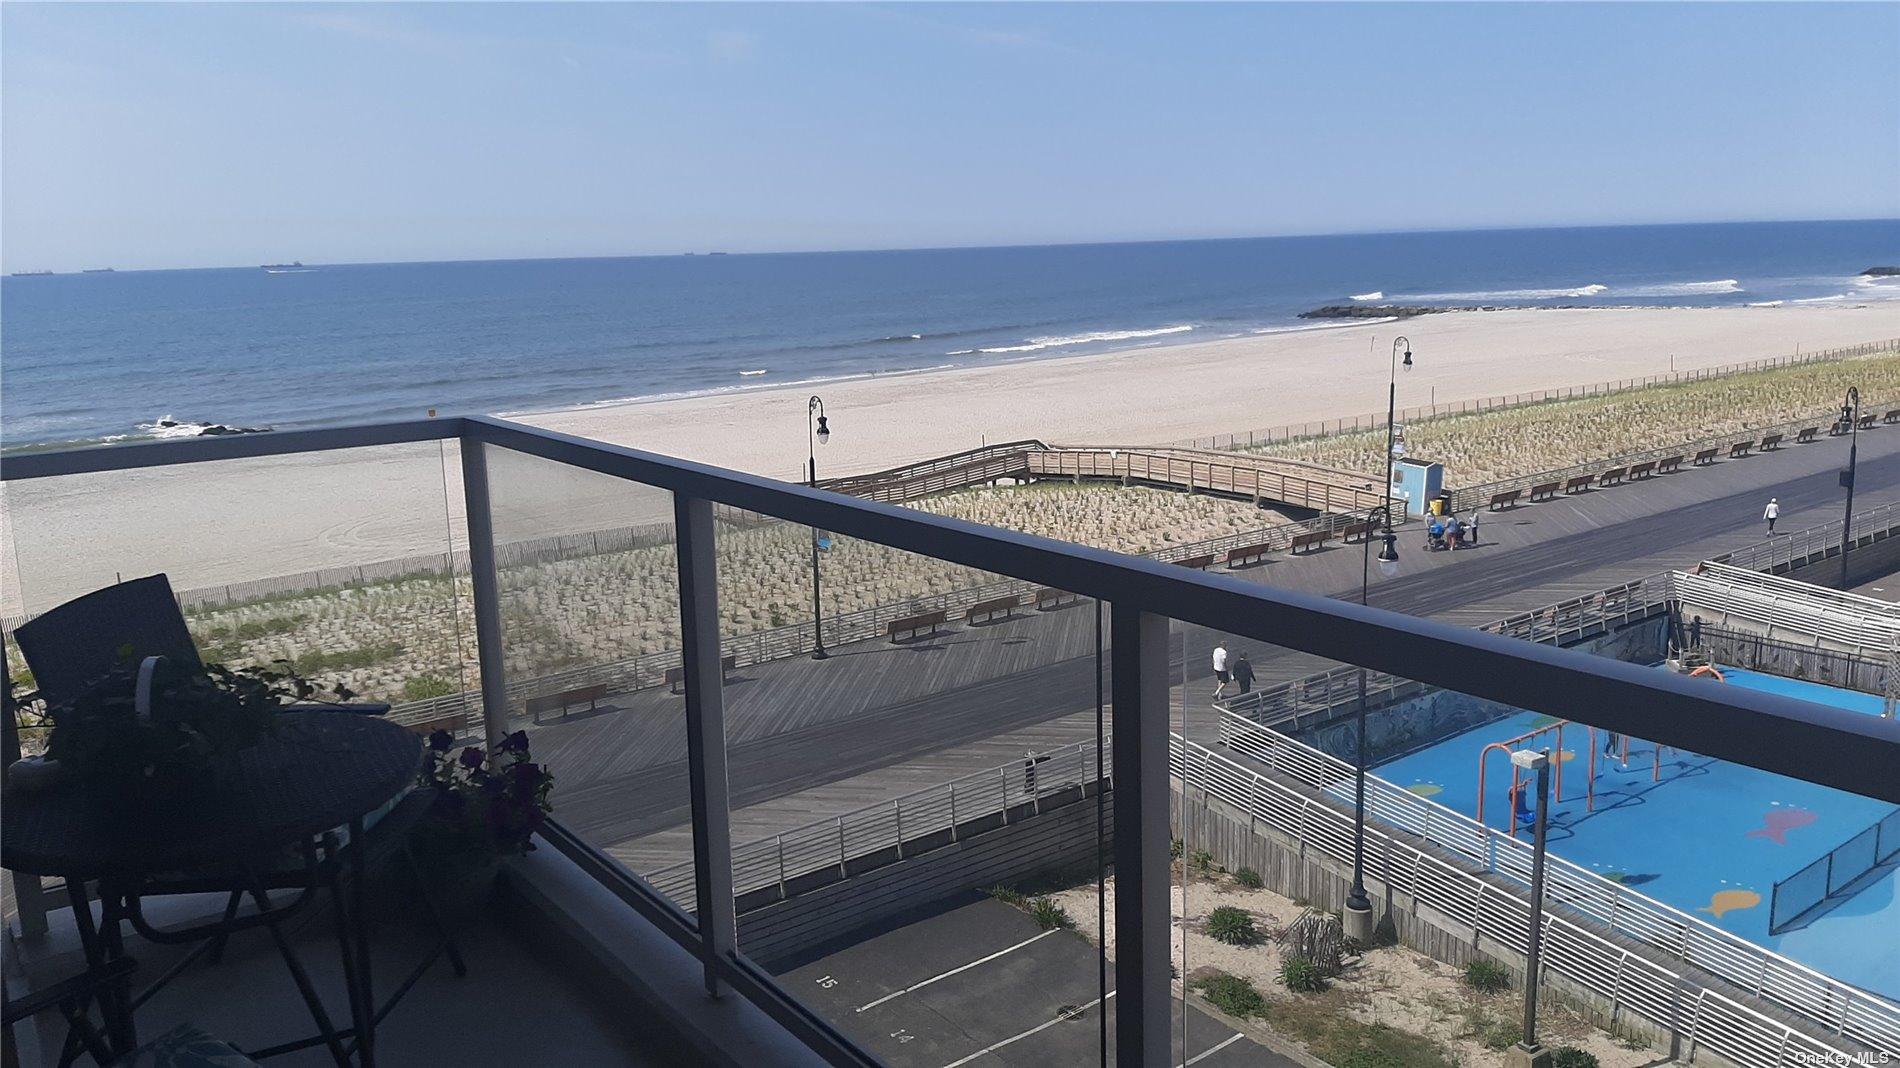 Photo of 170 W Broadway, Long Beach, NY 11561, Long Beach, NY 11561